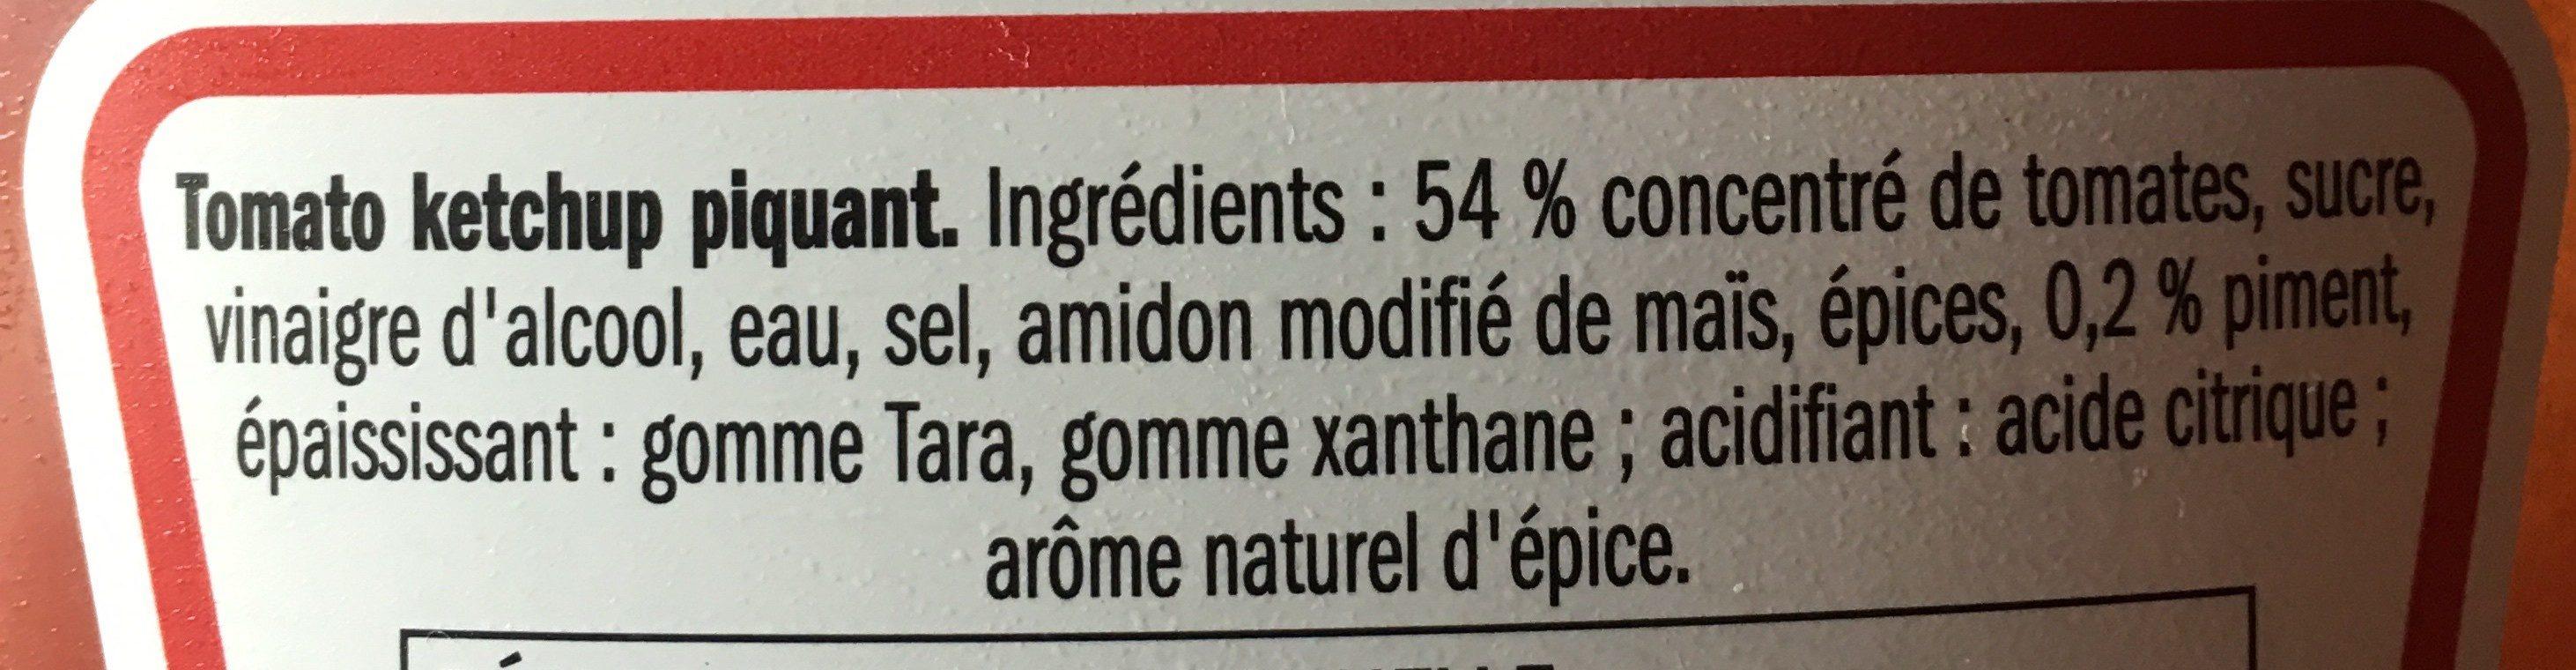 Hot ketchup - Ingredienti - fr